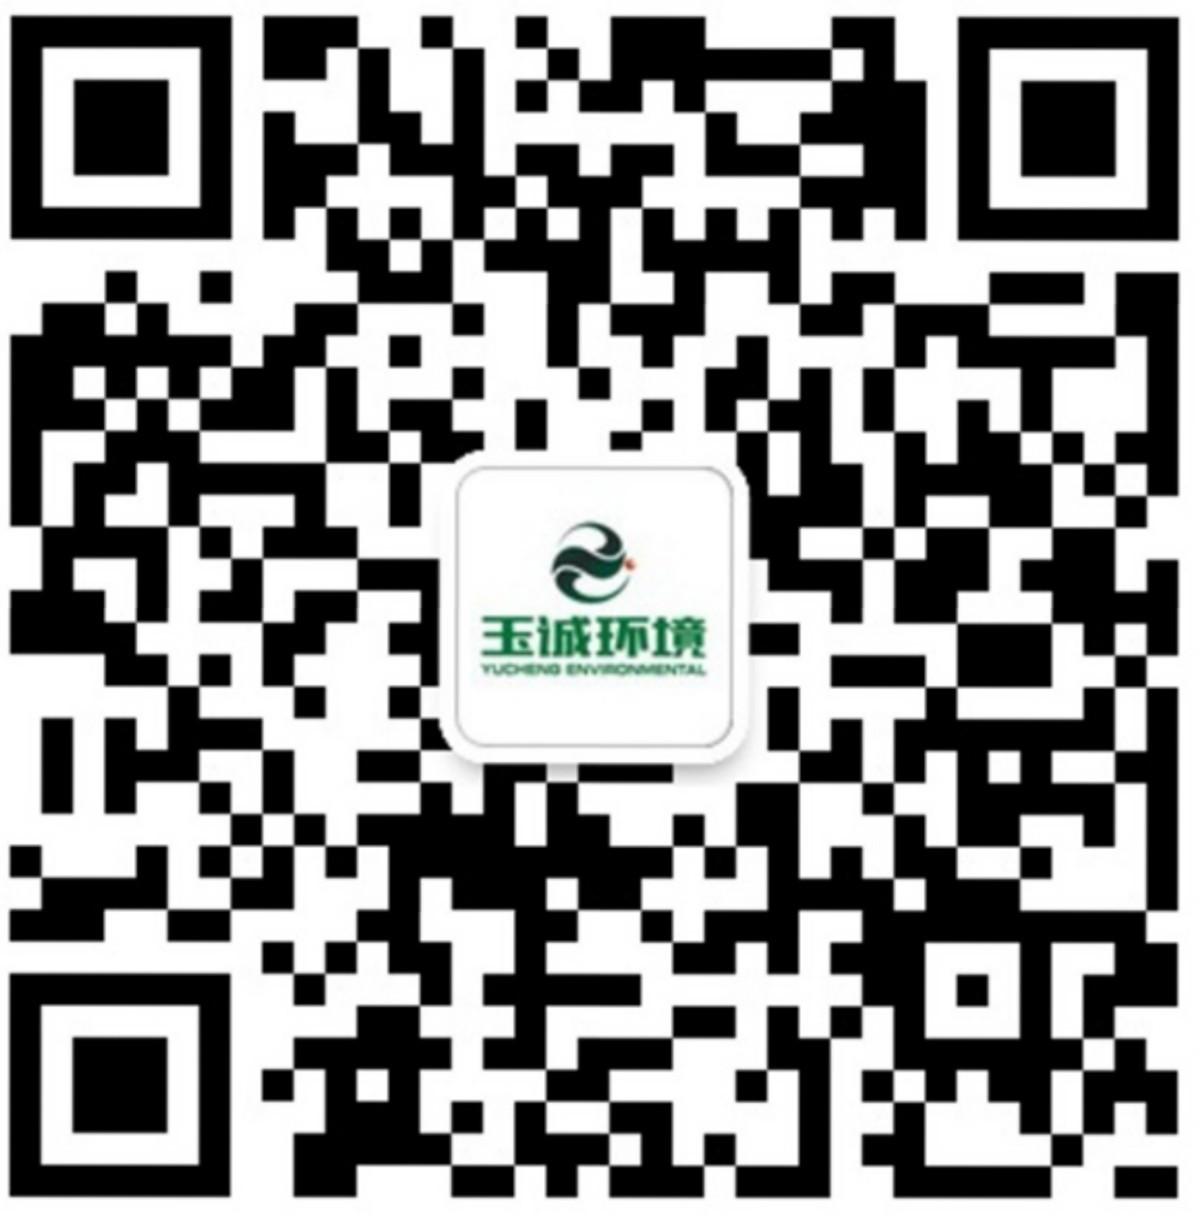 微信图片_20200522153156.jpg